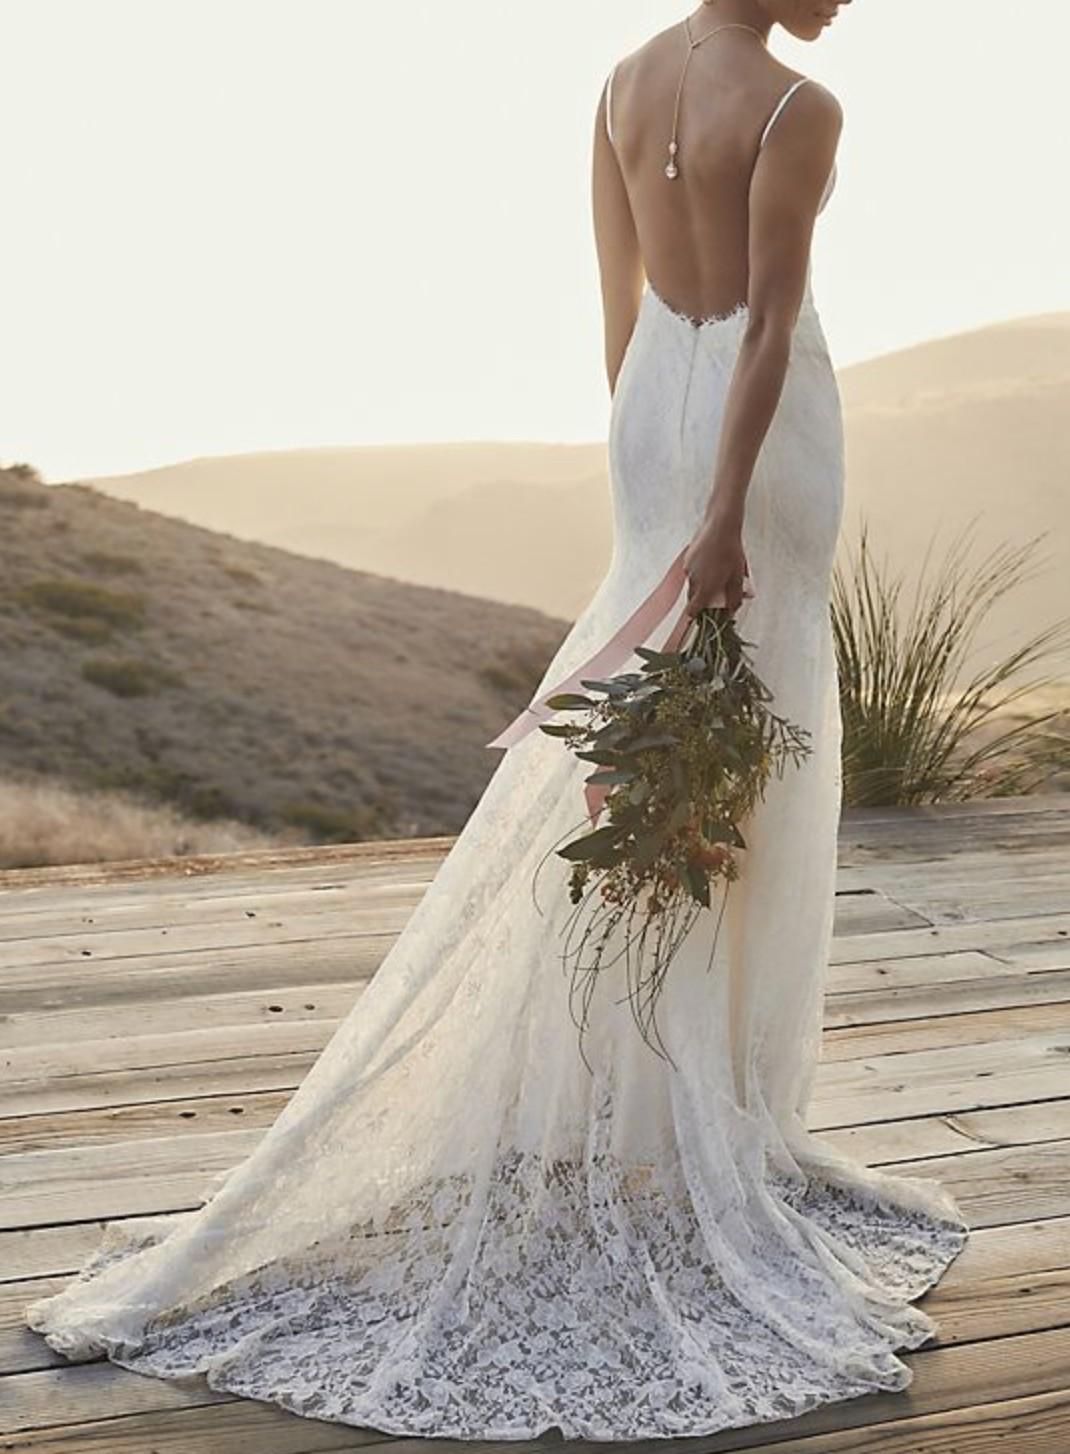 отошли линии платье свадебное вагина фото откинулась